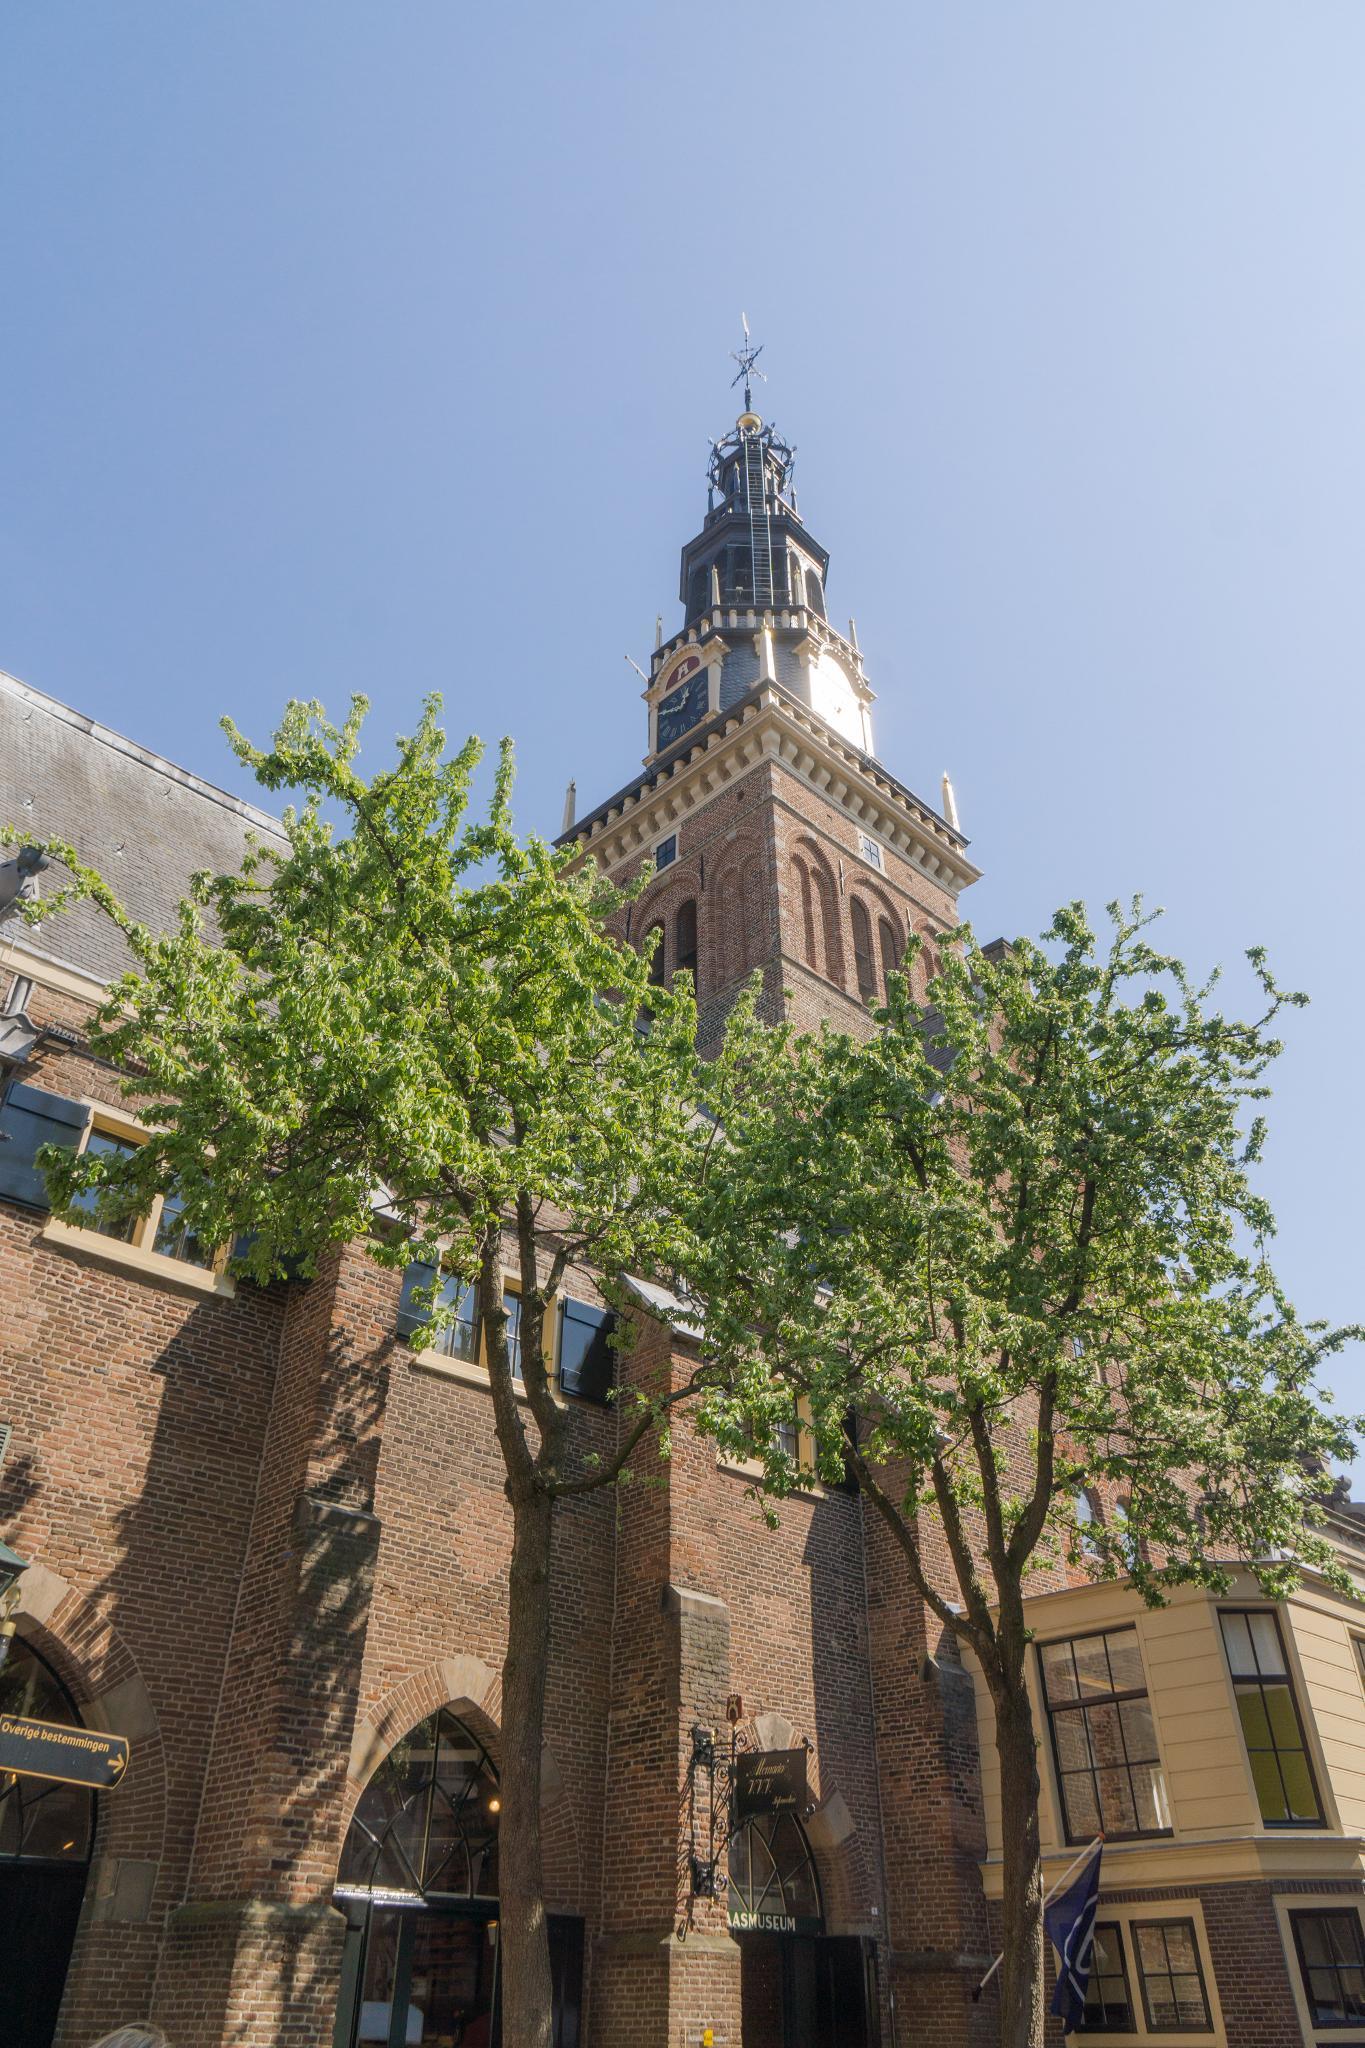 【荷蘭印象】體驗道地的荷式風情 — Alkmaar 起司市集 散步路線整理 16